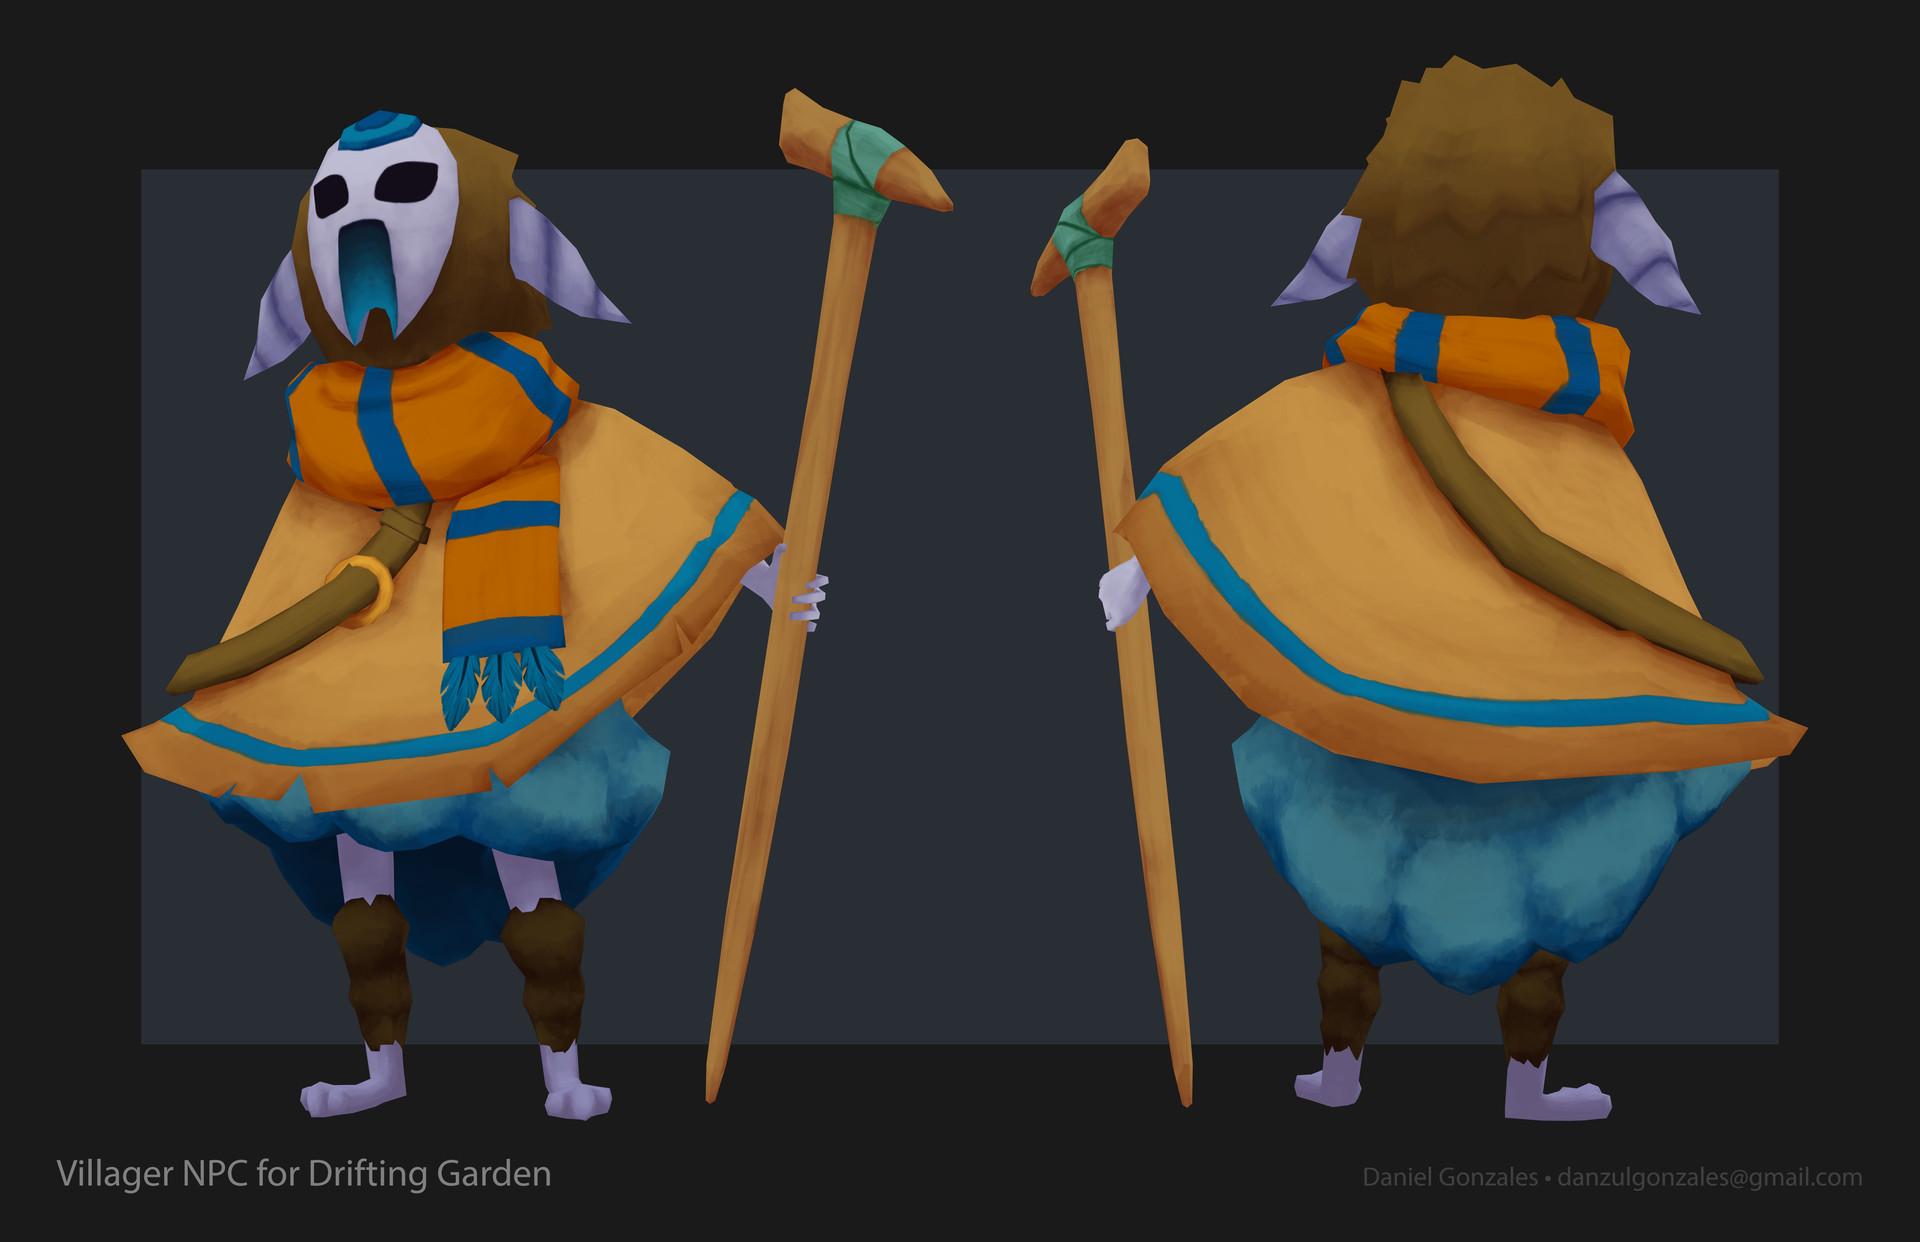 Daniel gonzales gonzalesdaniel bfa modeling 02 character a